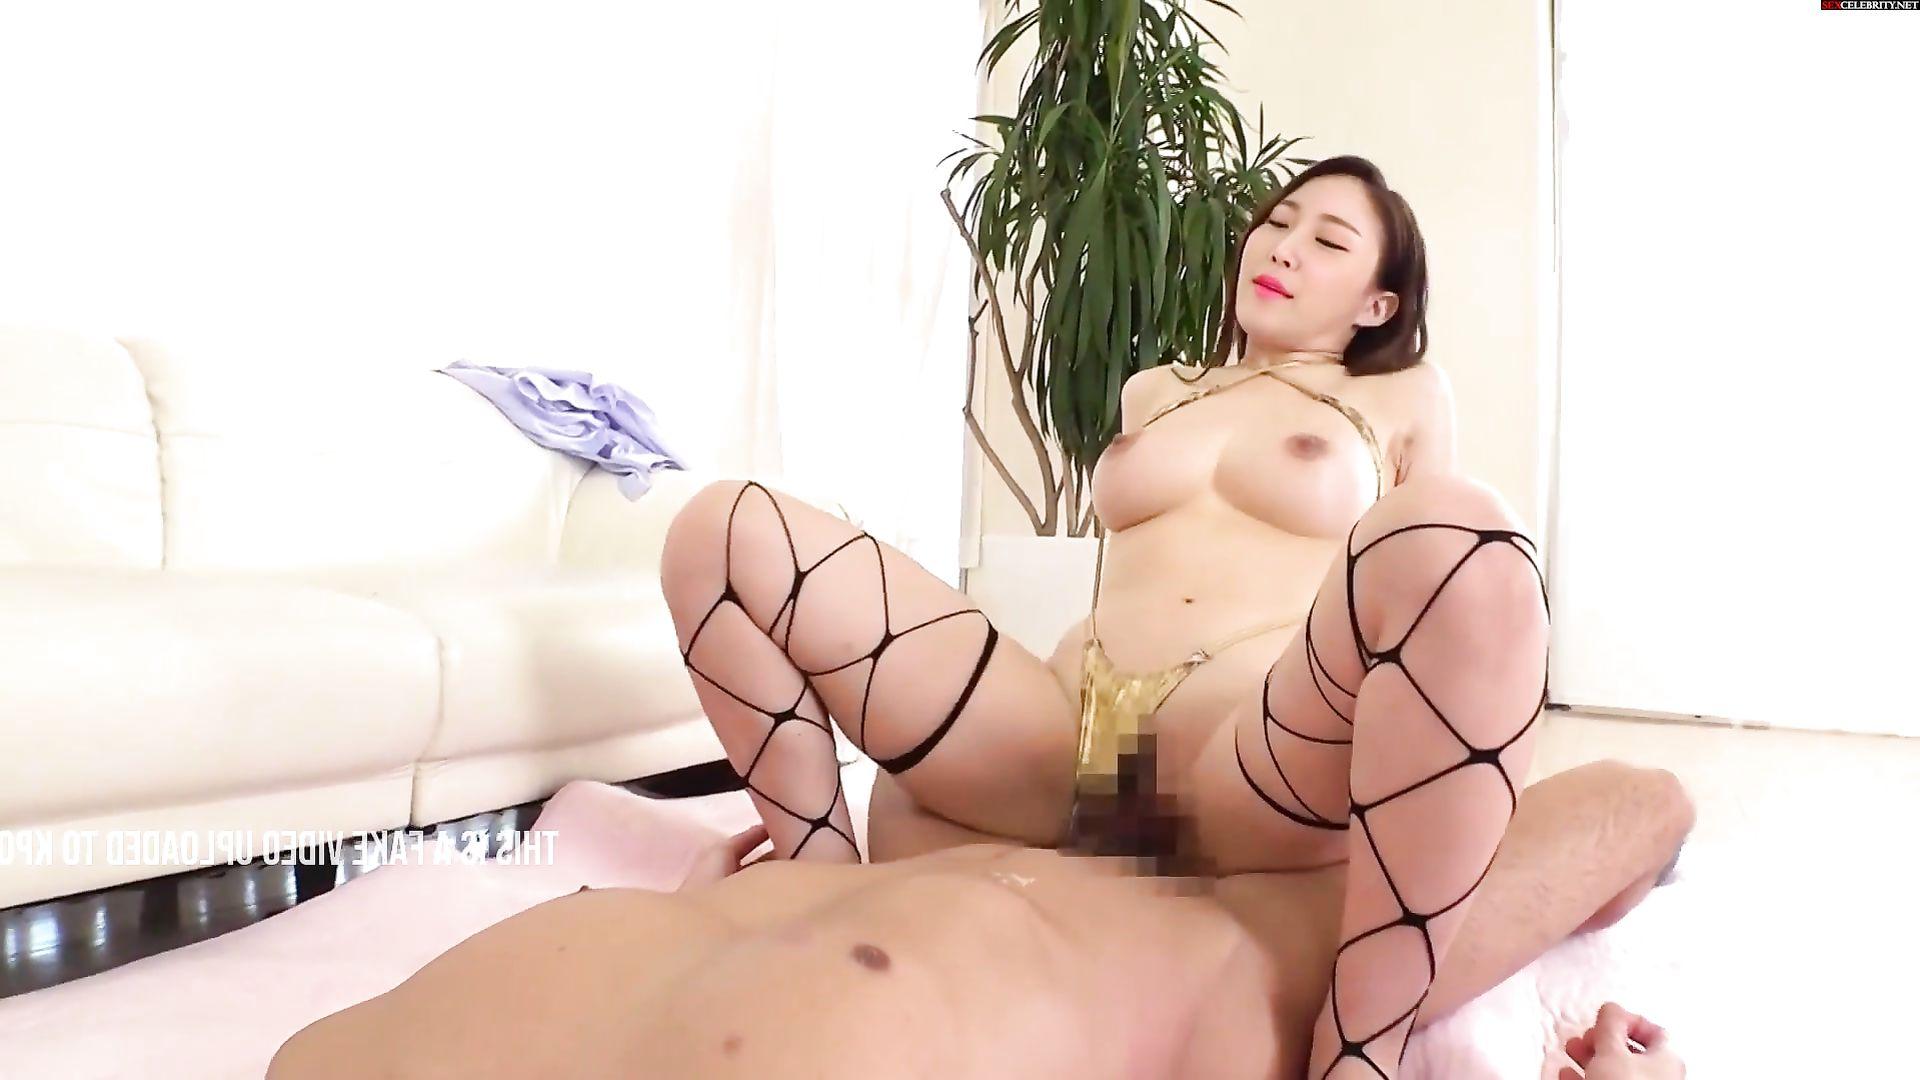 전효성 fake nude